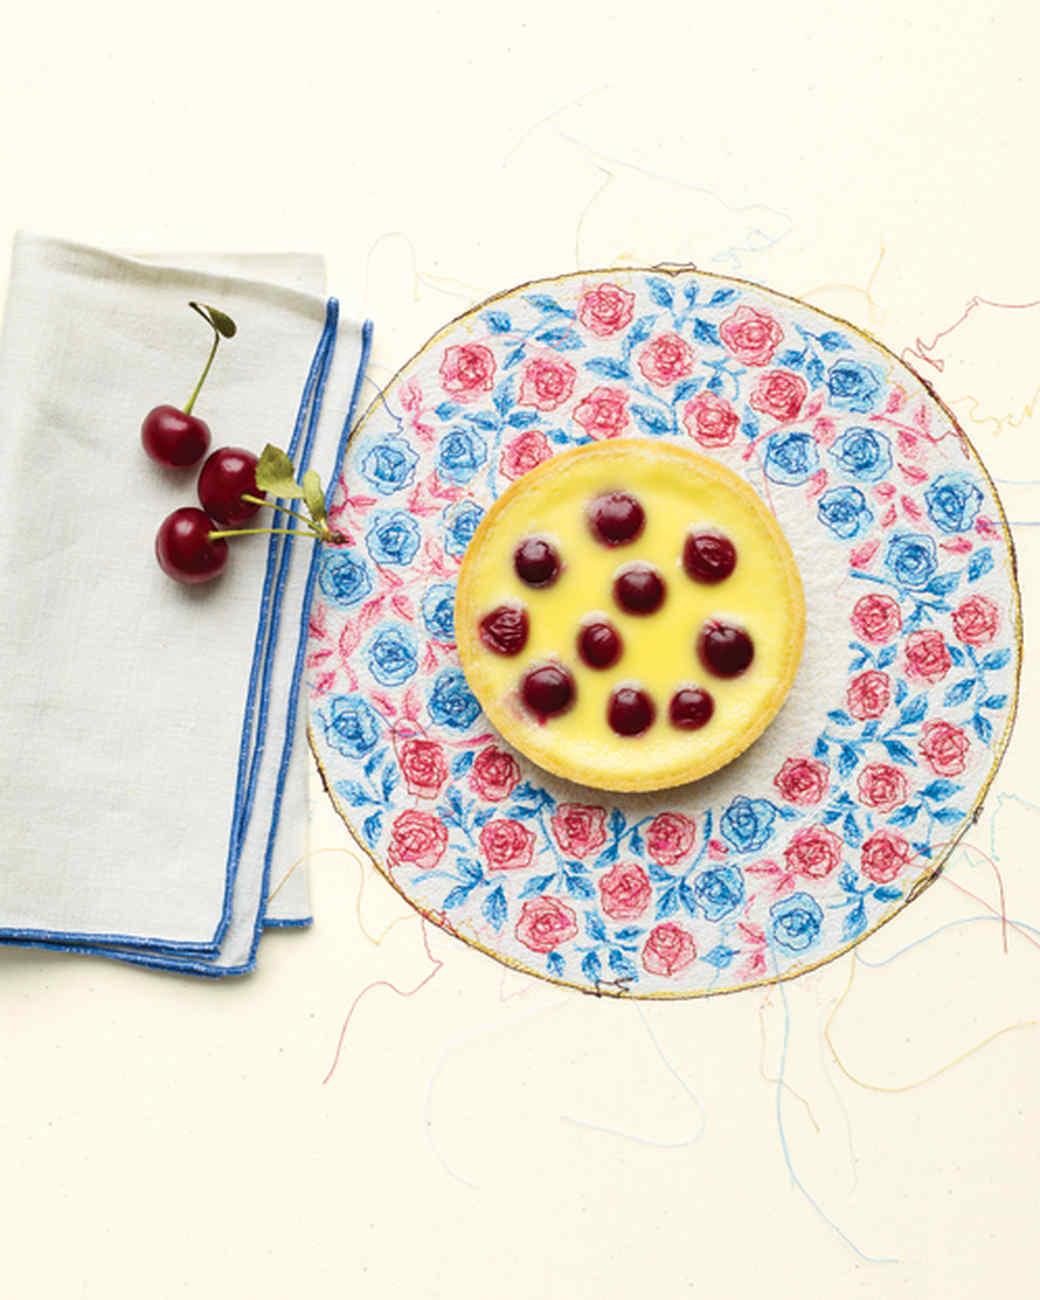 Sour Cherry Clafoutis